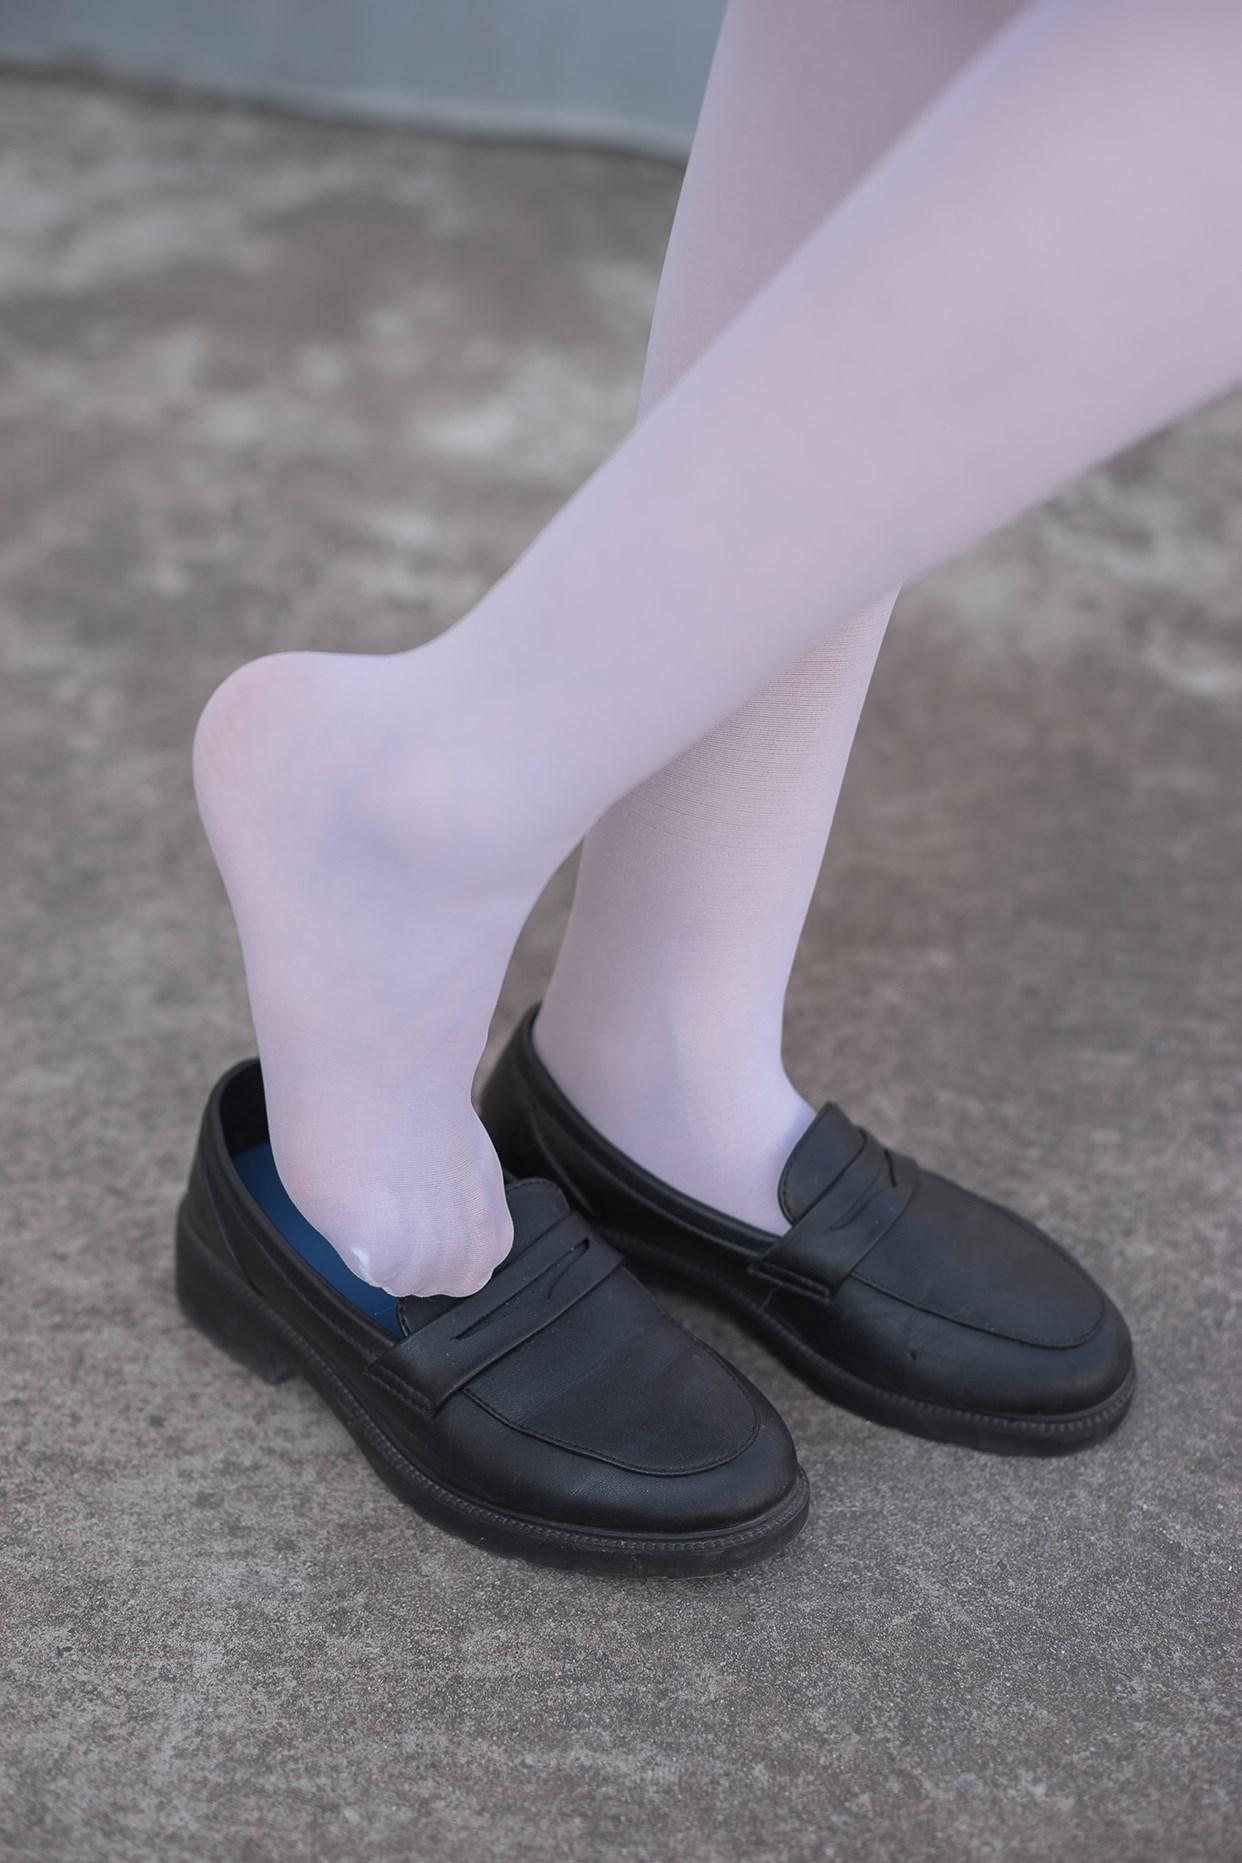 【兔玩映画】萝莉的白丝袜 兔玩映画 第12张